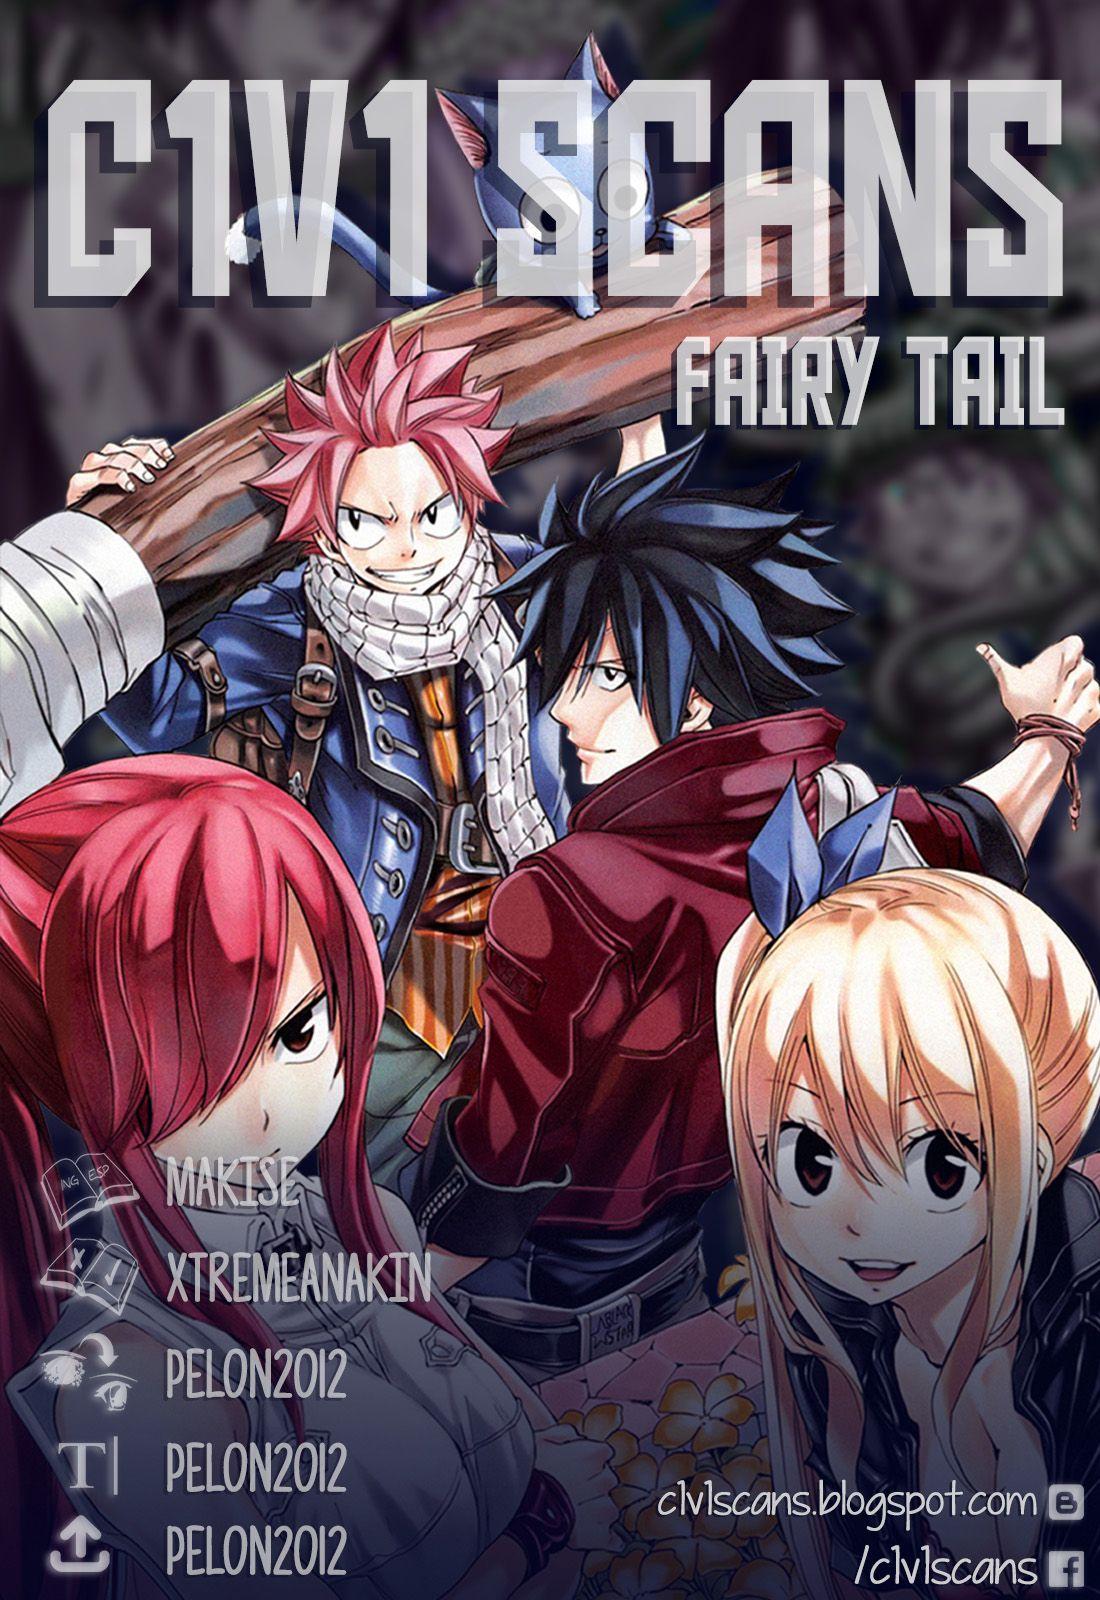 http://c5.ninemanga.com/es_manga/14/78/458325/c0a9e7c5f8bdeb5221abe91fe7fc2e66.jpg Page 1